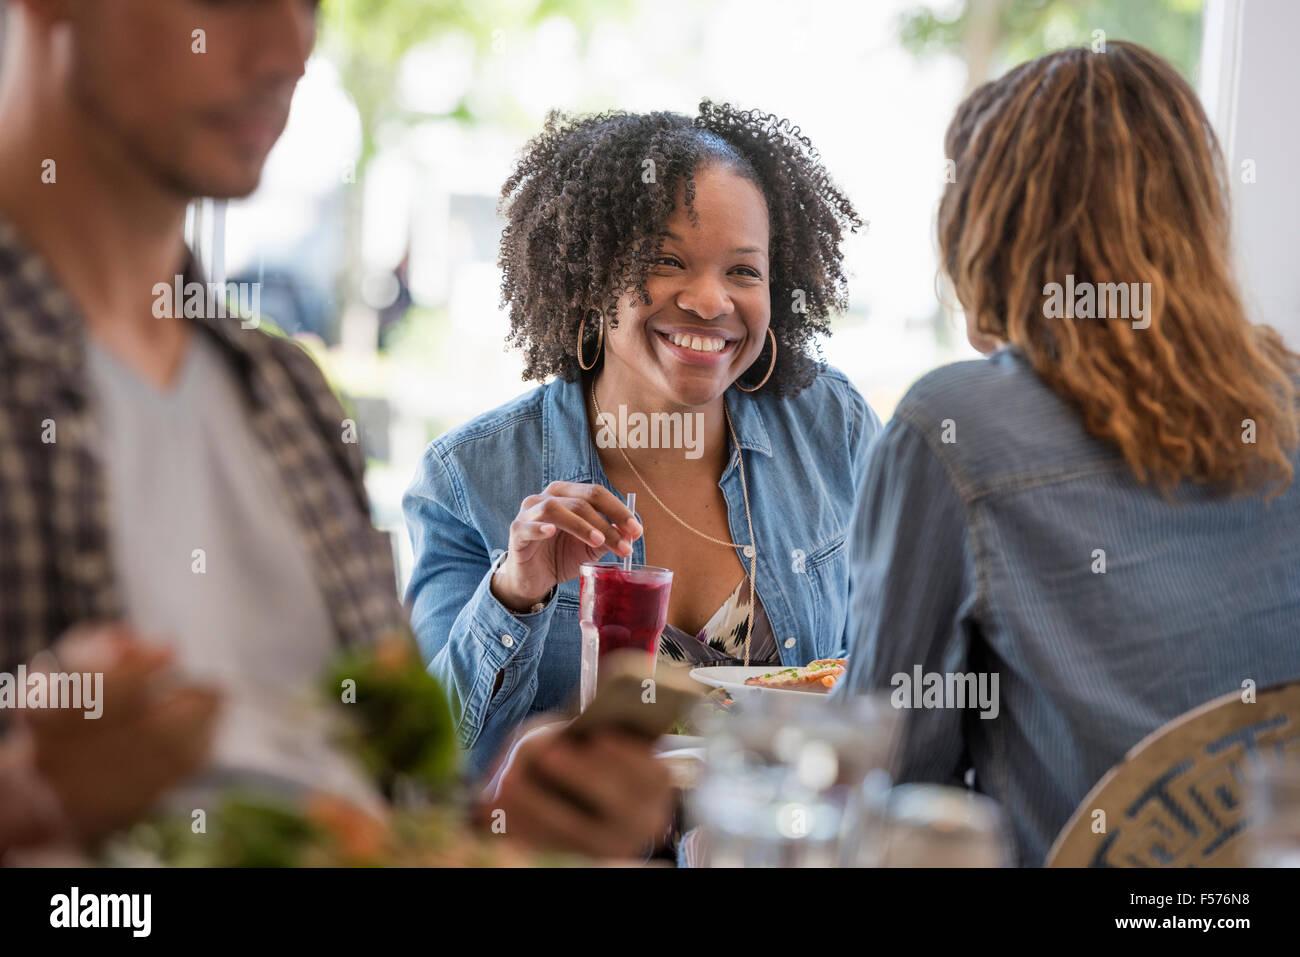 Tres personas sentadas en una mesa en una cafetería. Dos mujeres riendo. Imagen De Stock